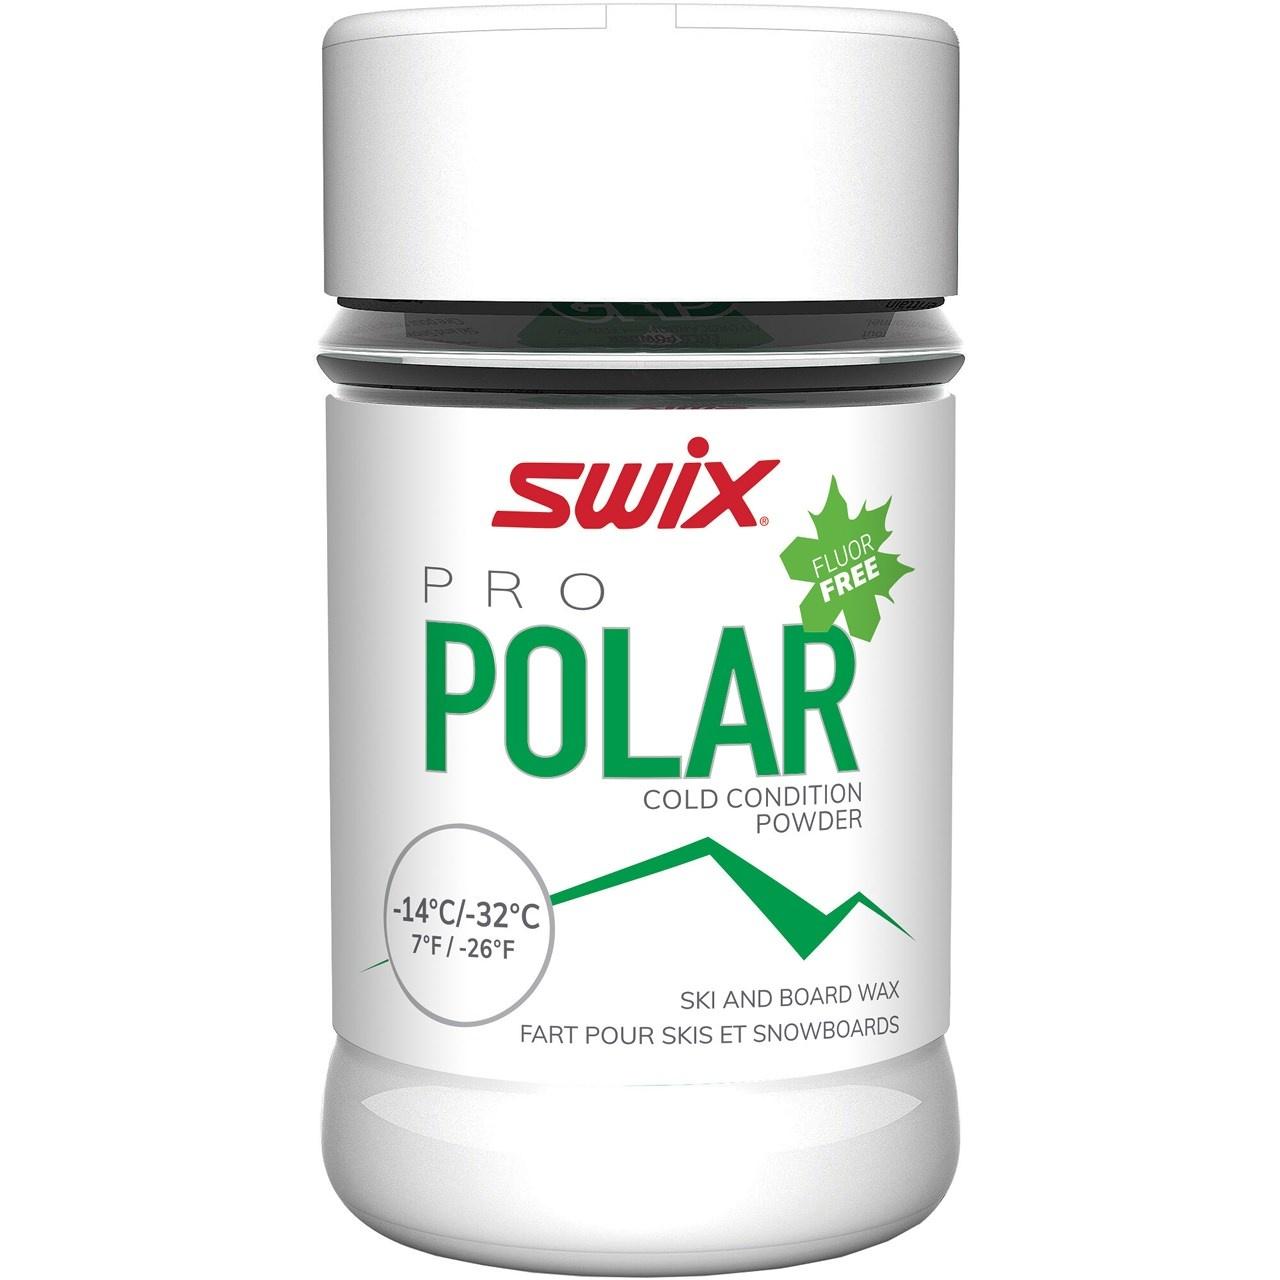 Swix Swix 30g PS Polar Powder